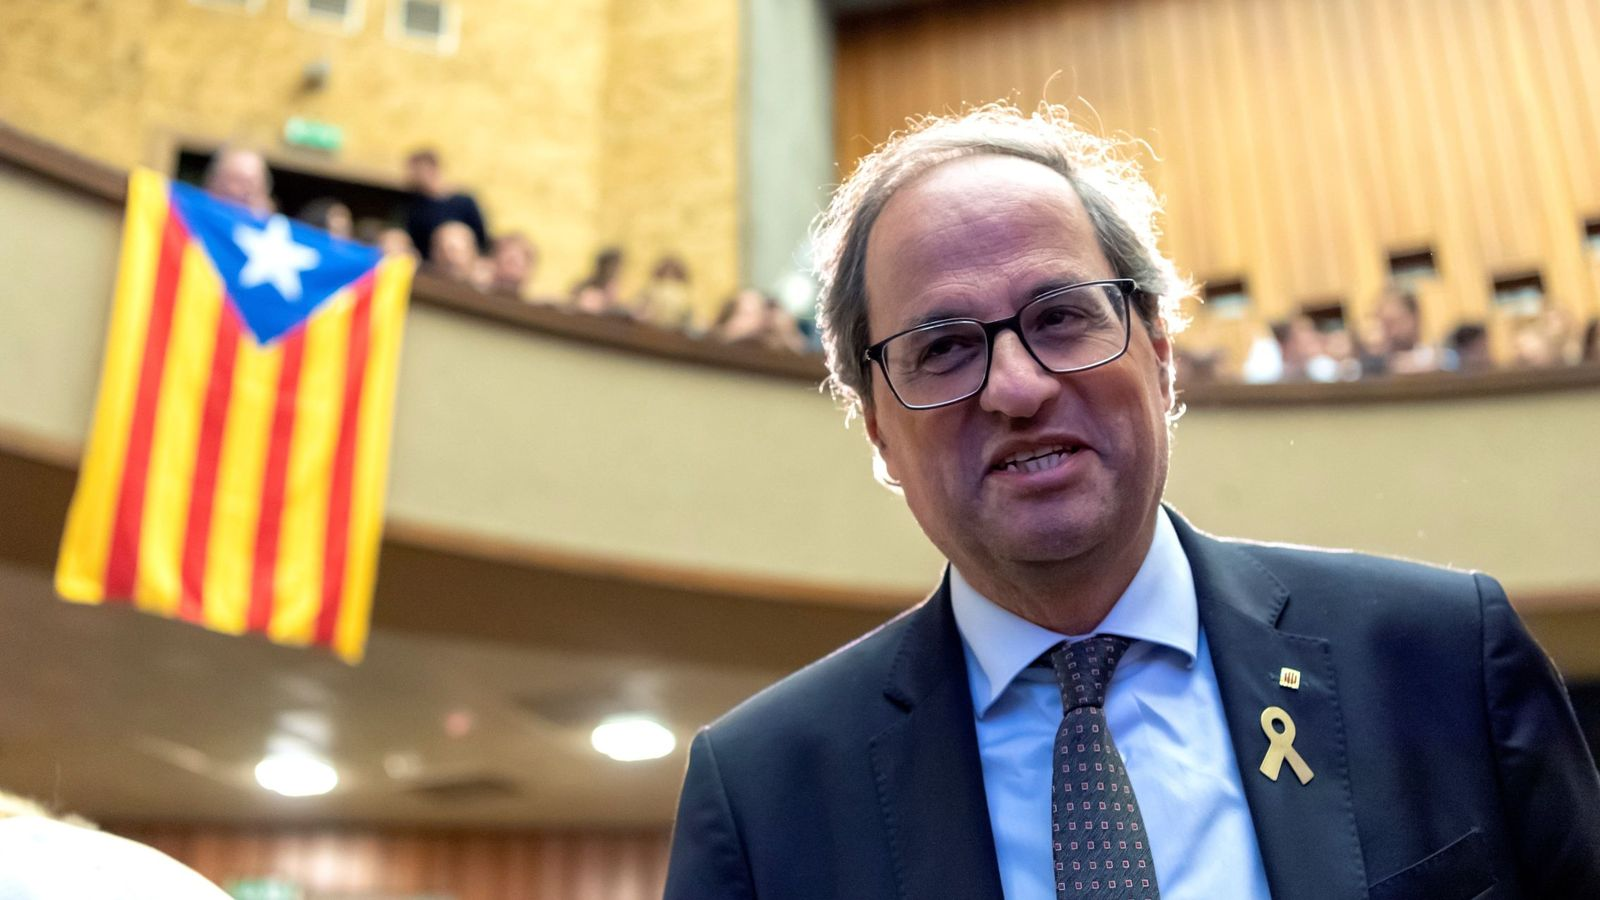 Foto: El presidente de la Generalitat, Quim Torra, en Suza. (EFE)